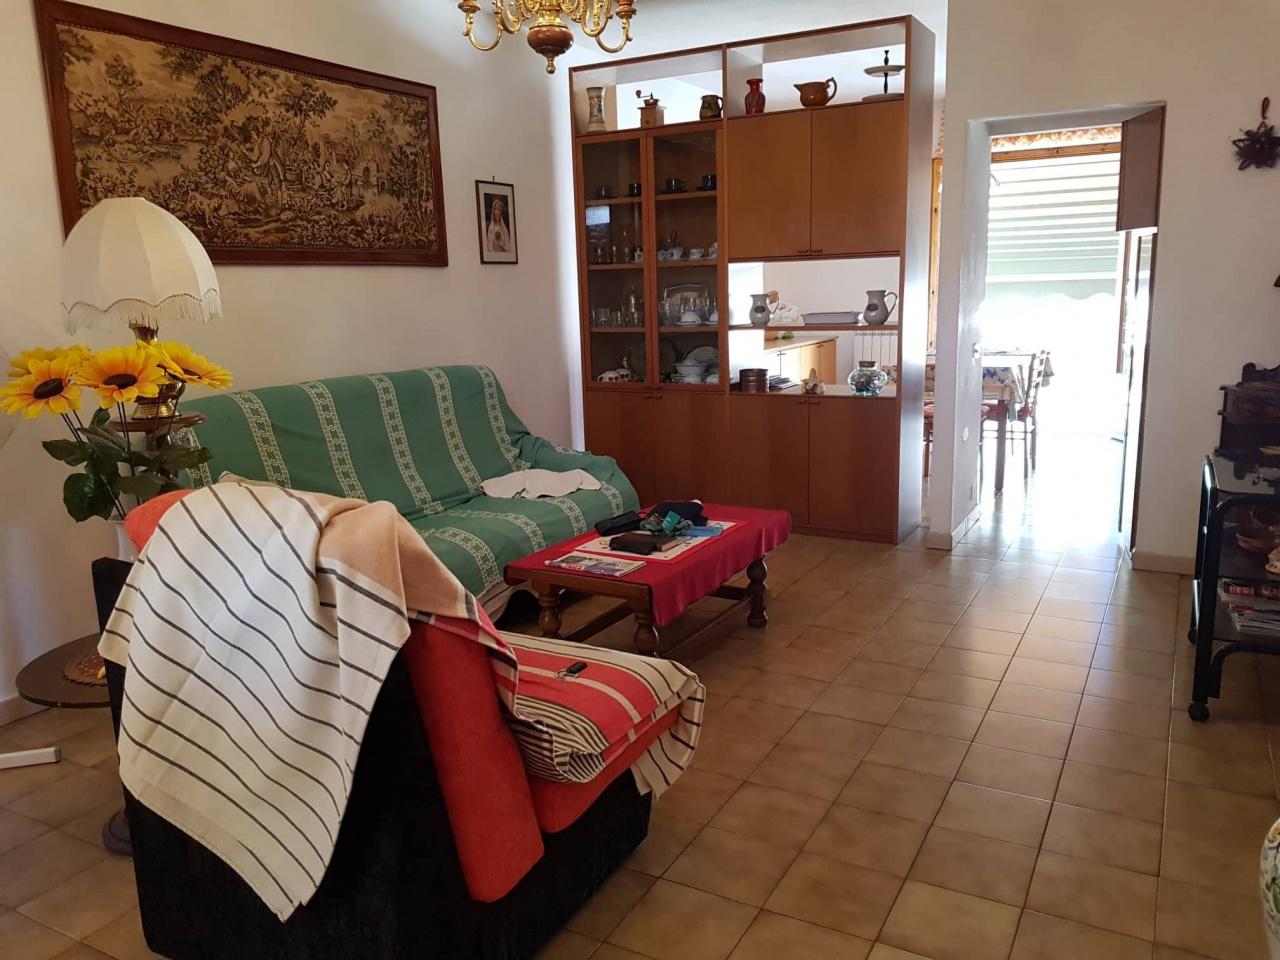 Appartamento in vendita a Gavorrano, 4 locali, prezzo € 150.000 | PortaleAgenzieImmobiliari.it